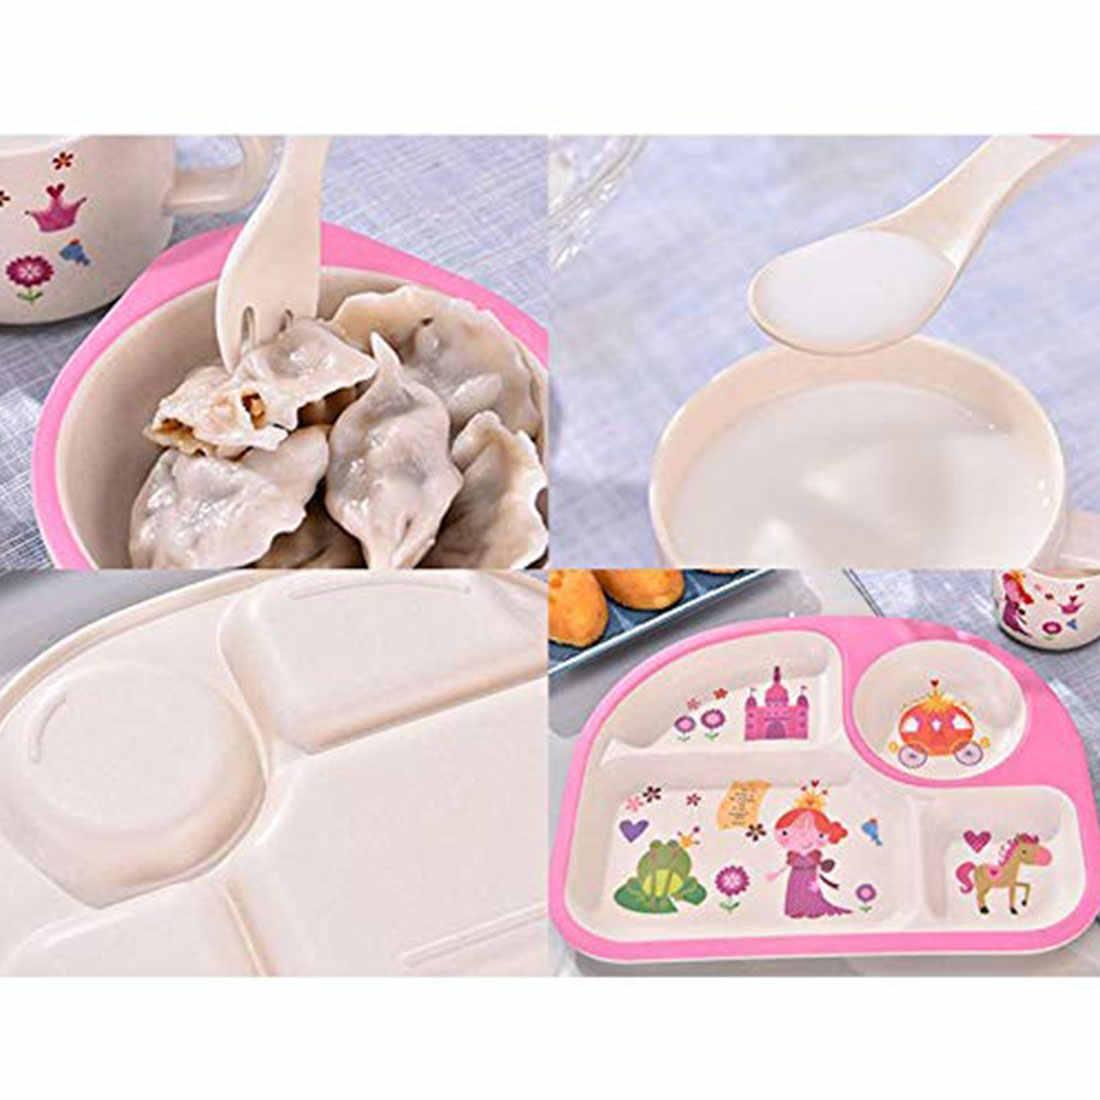 5 pçs/sets Placa De Fibra De Bambu Do Bebê Crianças Talheres Prato Tigela Dinnerware Conjunto Garfo Colher Copo Food Alimentação Bonito Segurança Para crianças